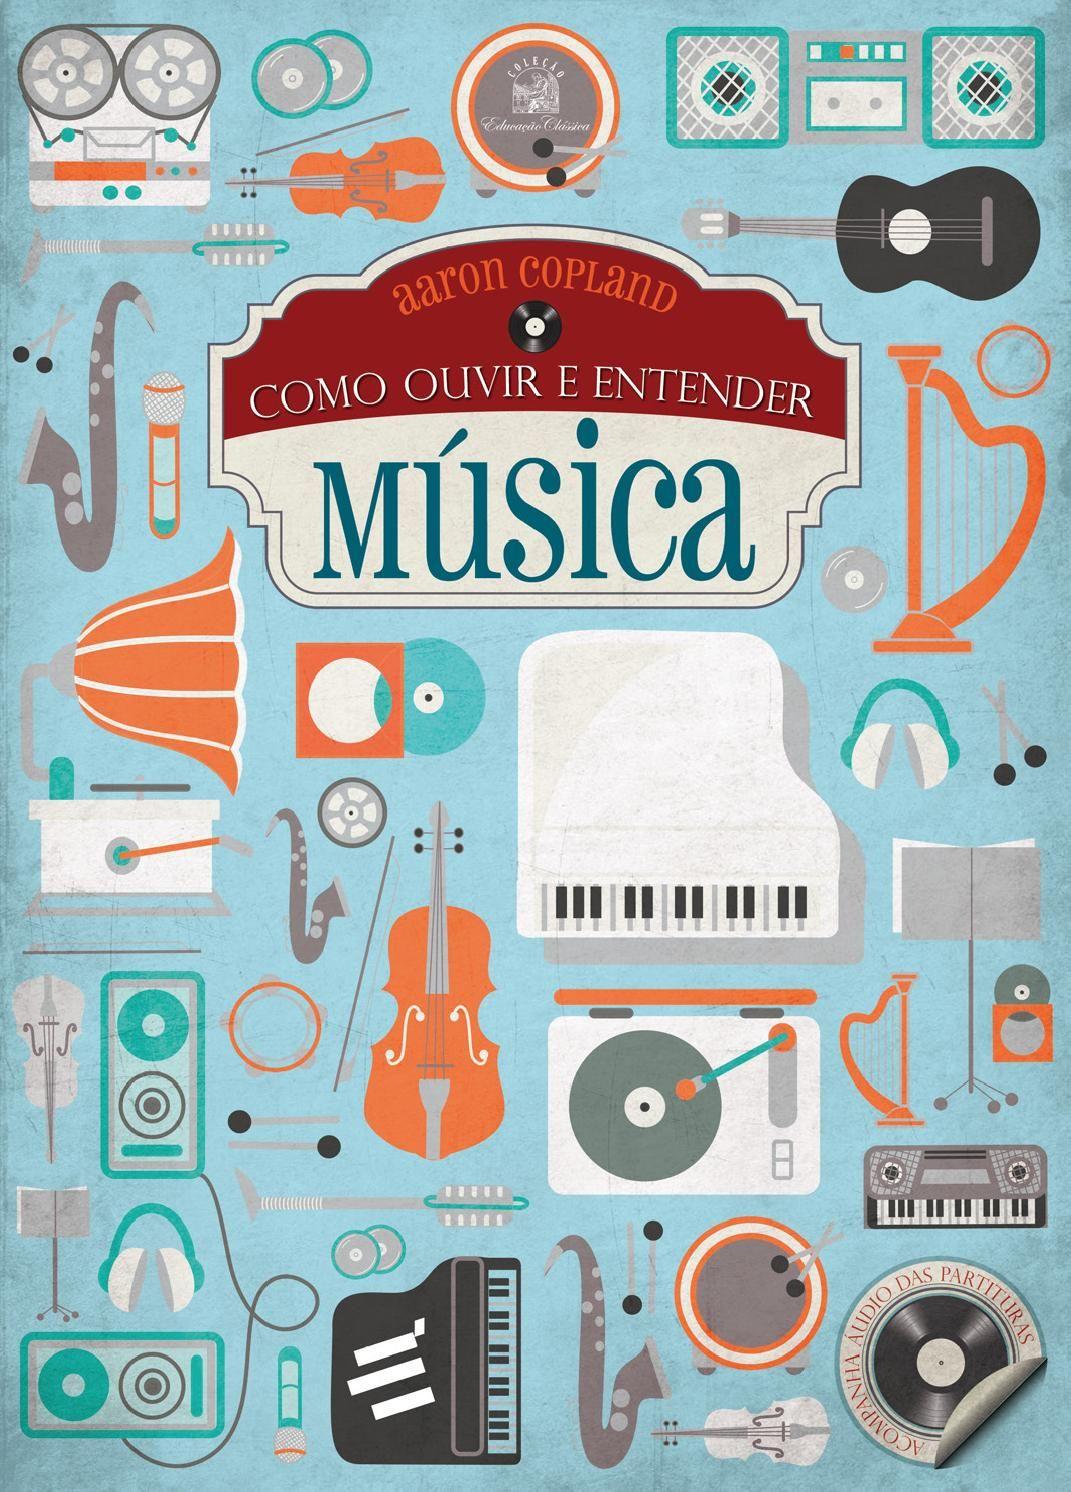 Como Ouvir E Entender Musica Livros De Musica Musica E Diarios